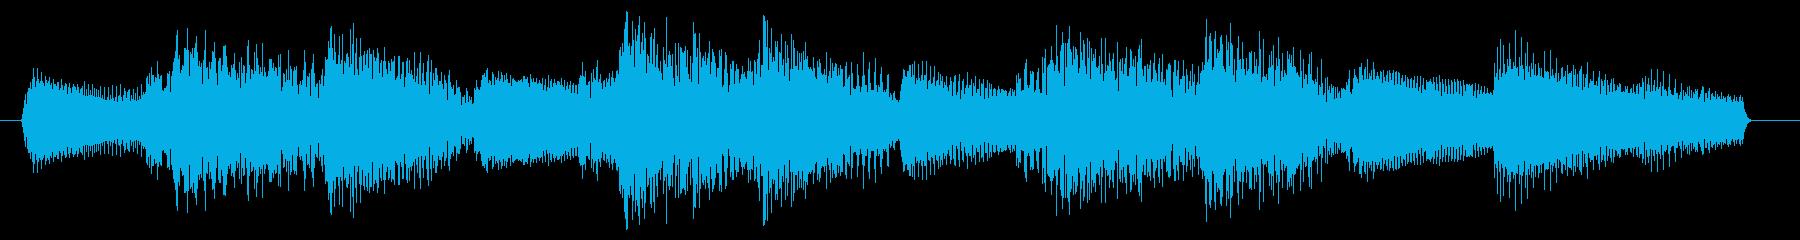 PianoSolo_05sの再生済みの波形